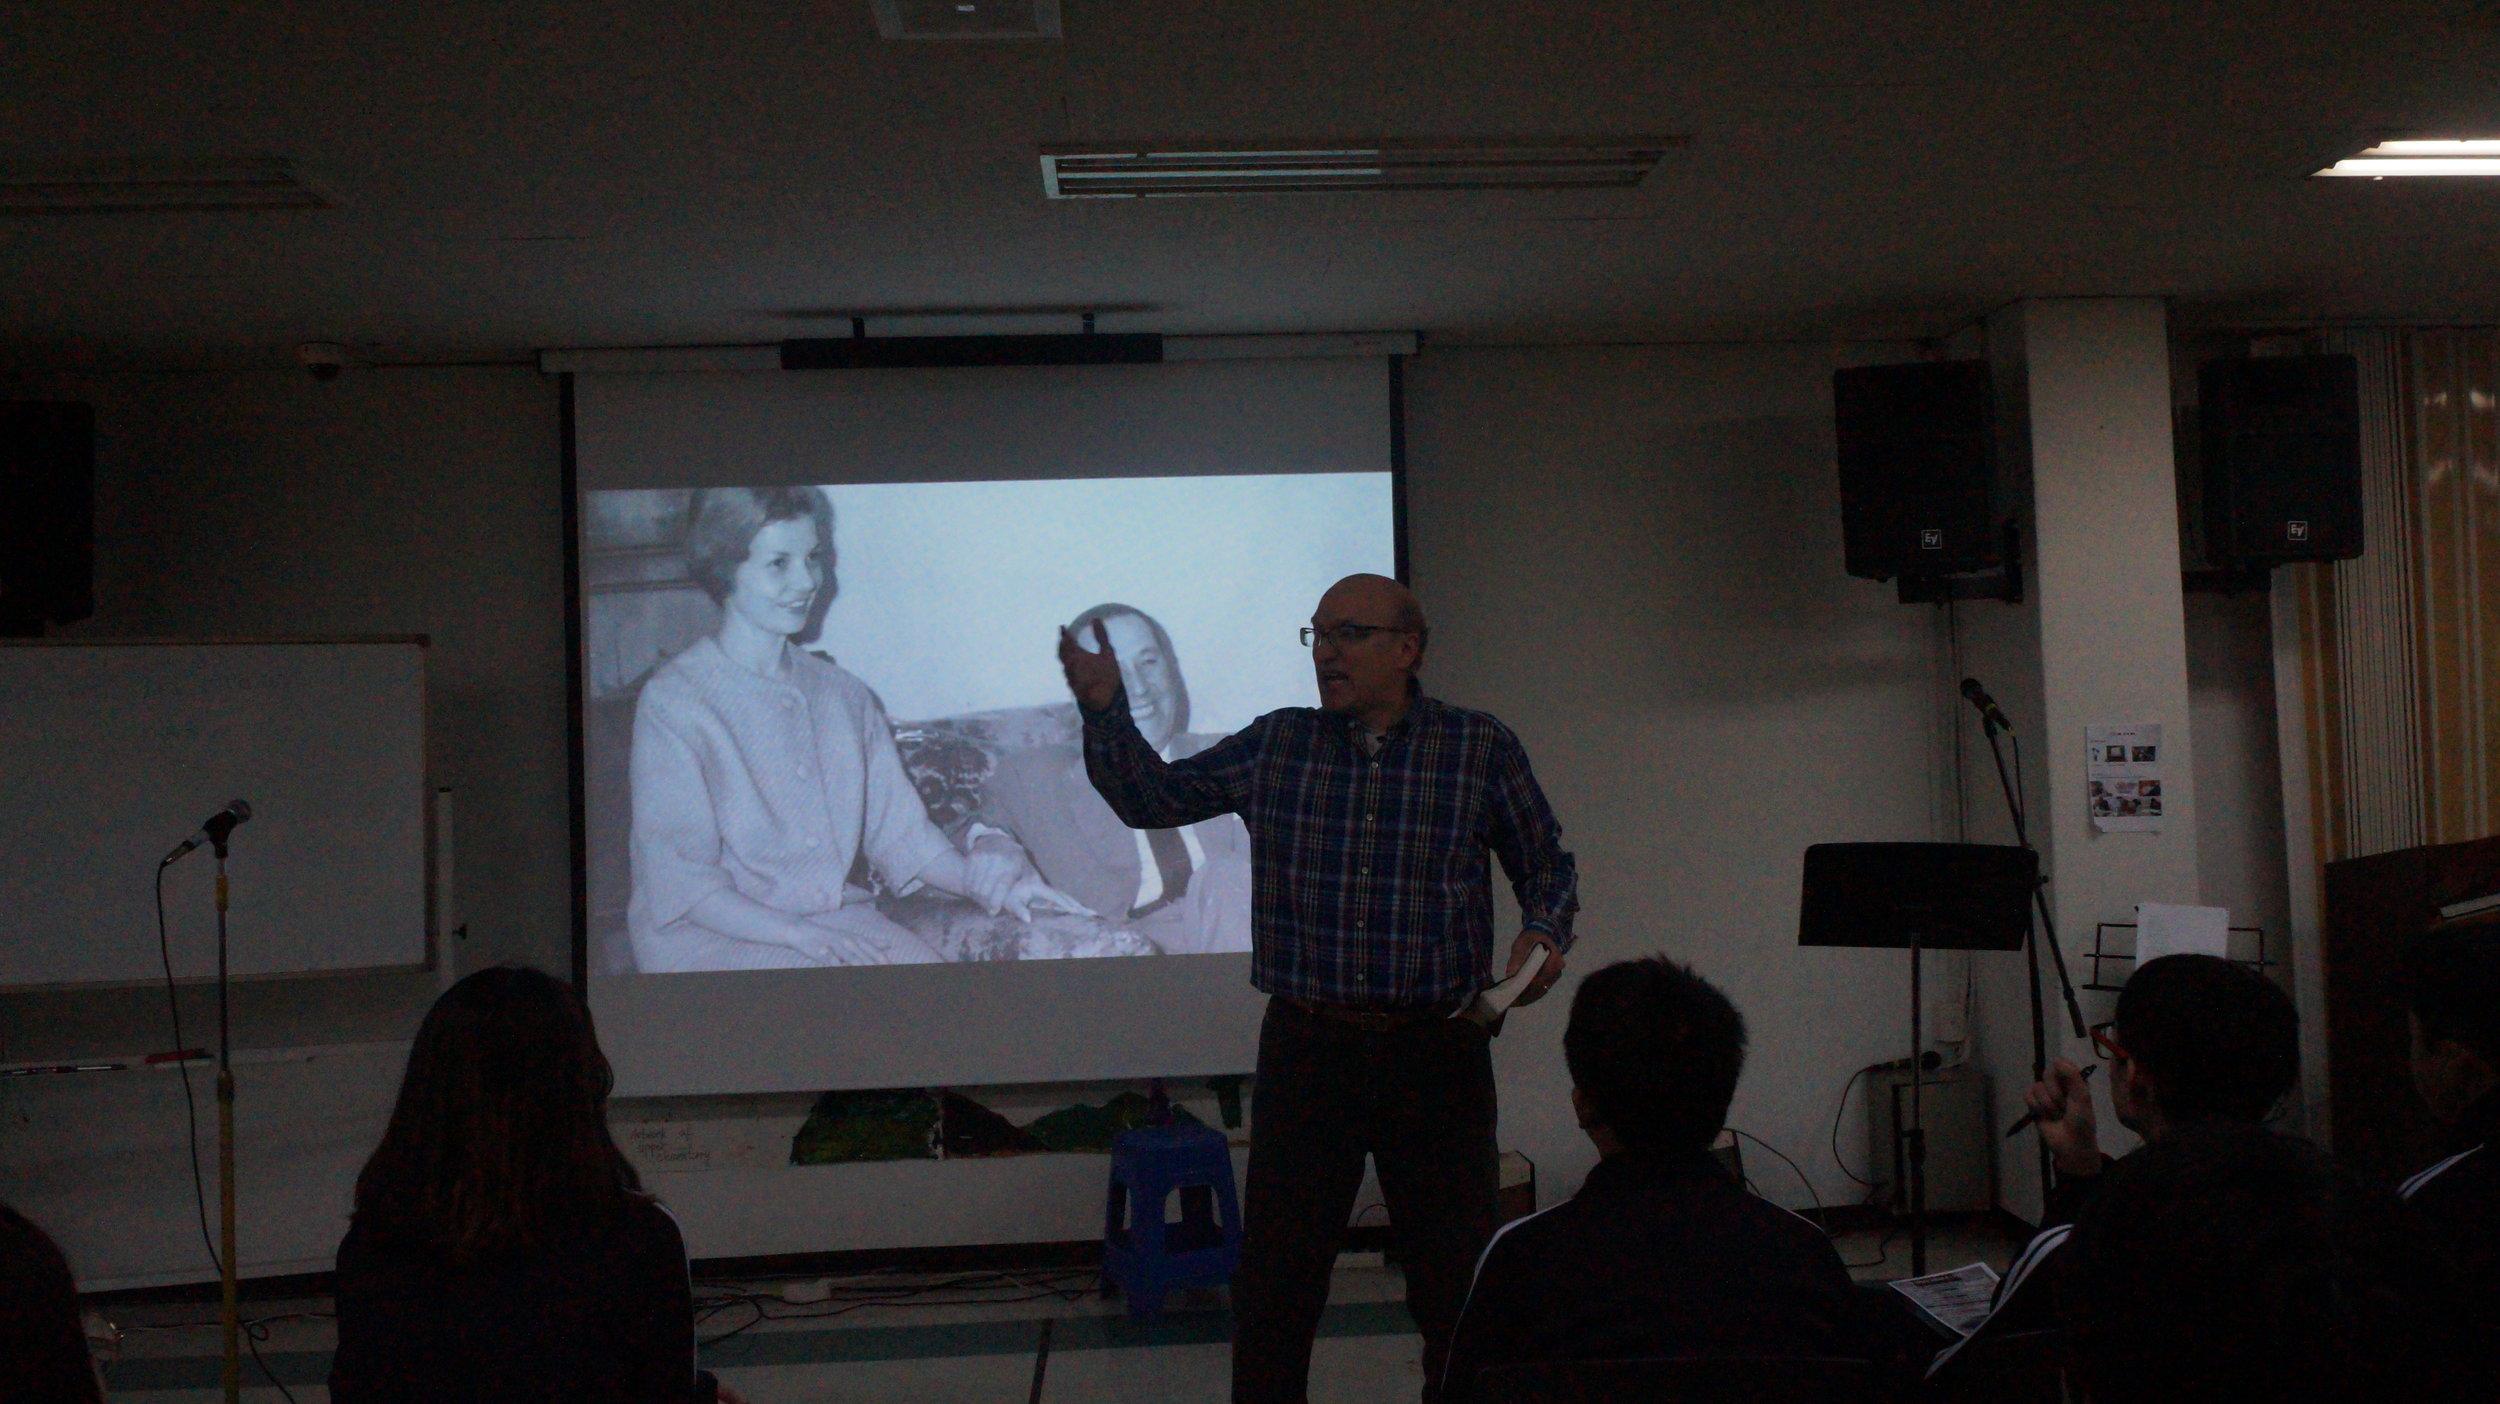 Image from Mr. Krahn